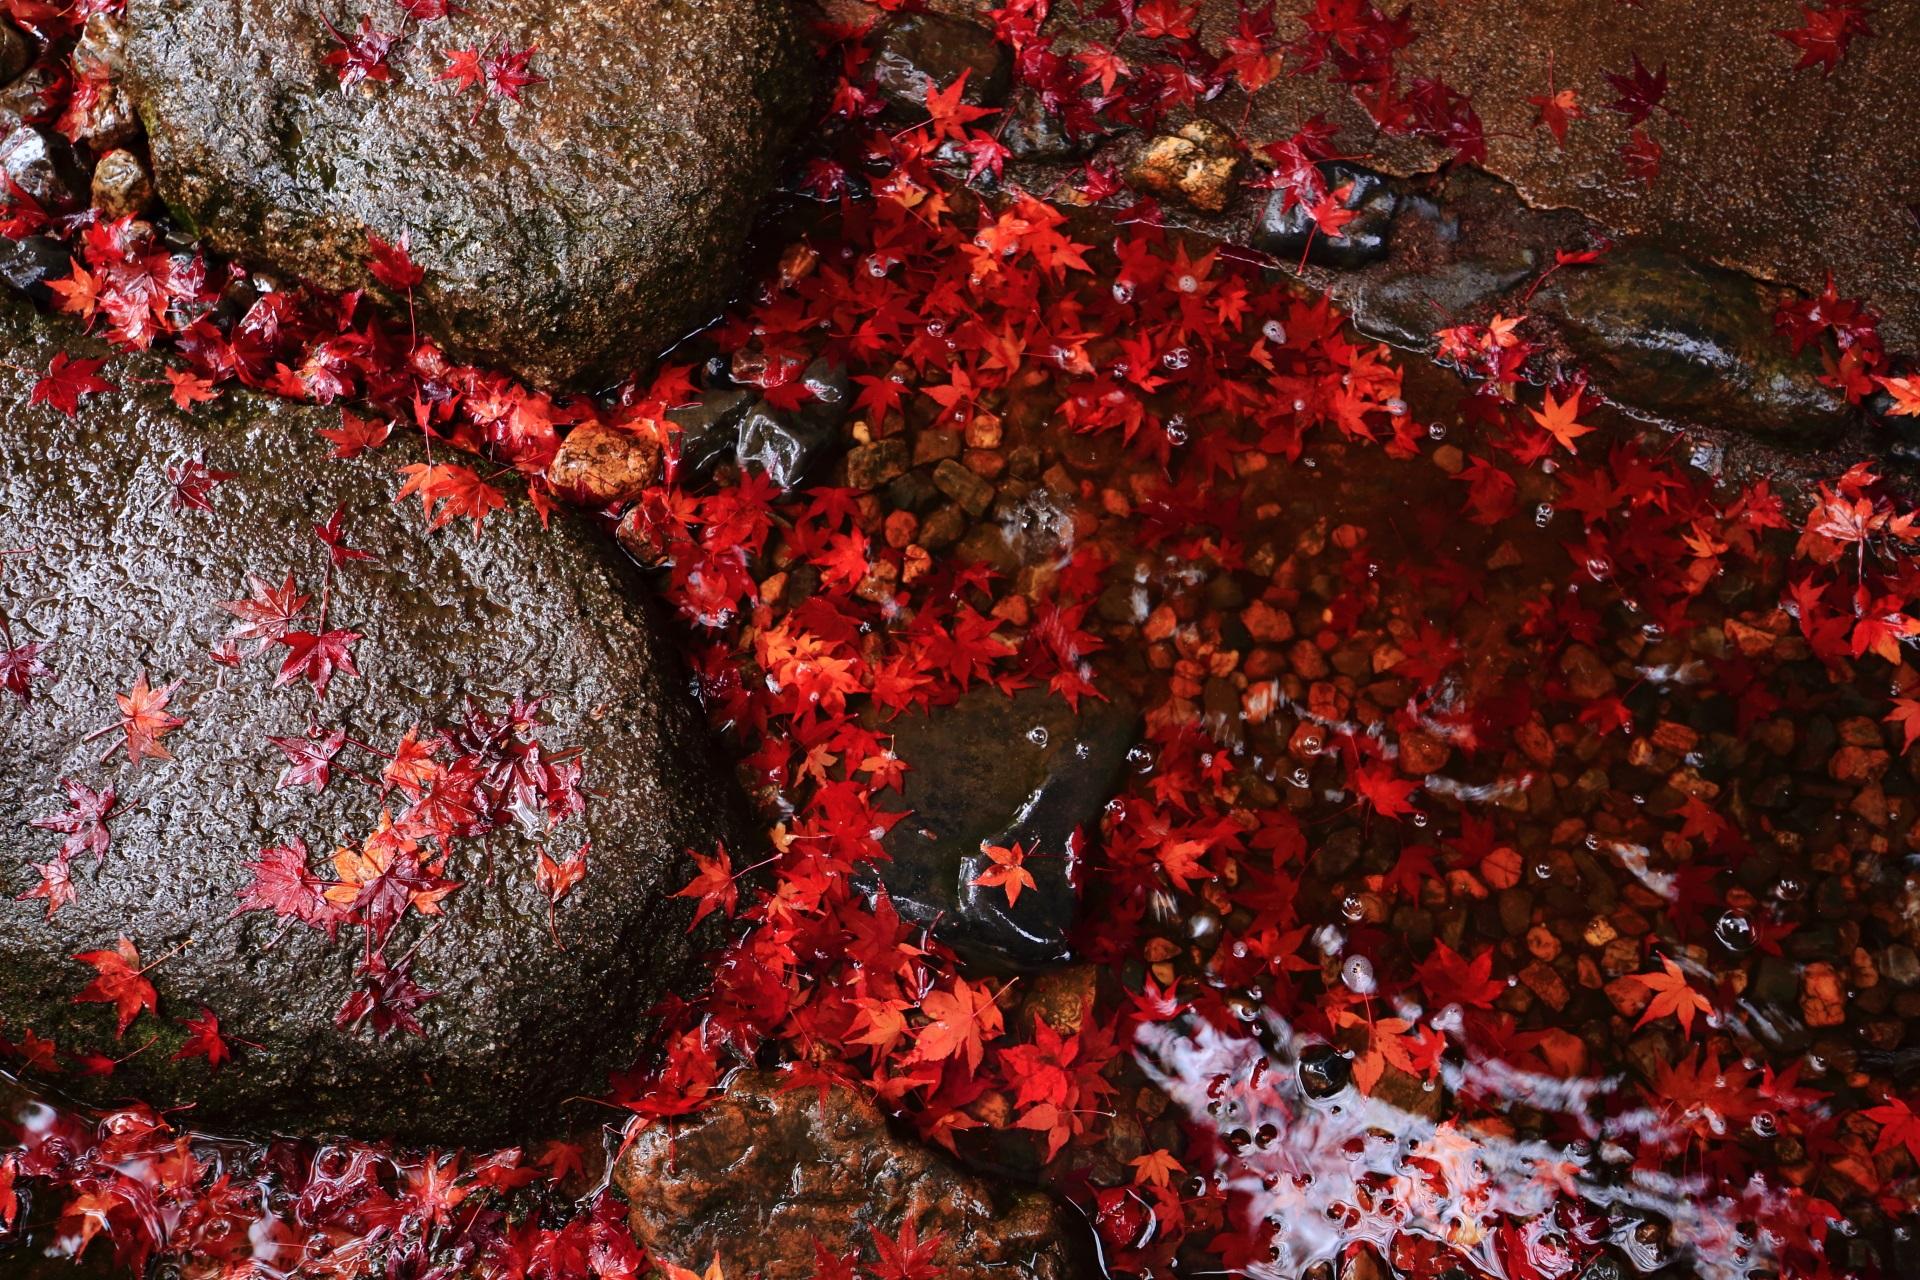 溜まった雨水も赤く見えてしまうような散り紅葉